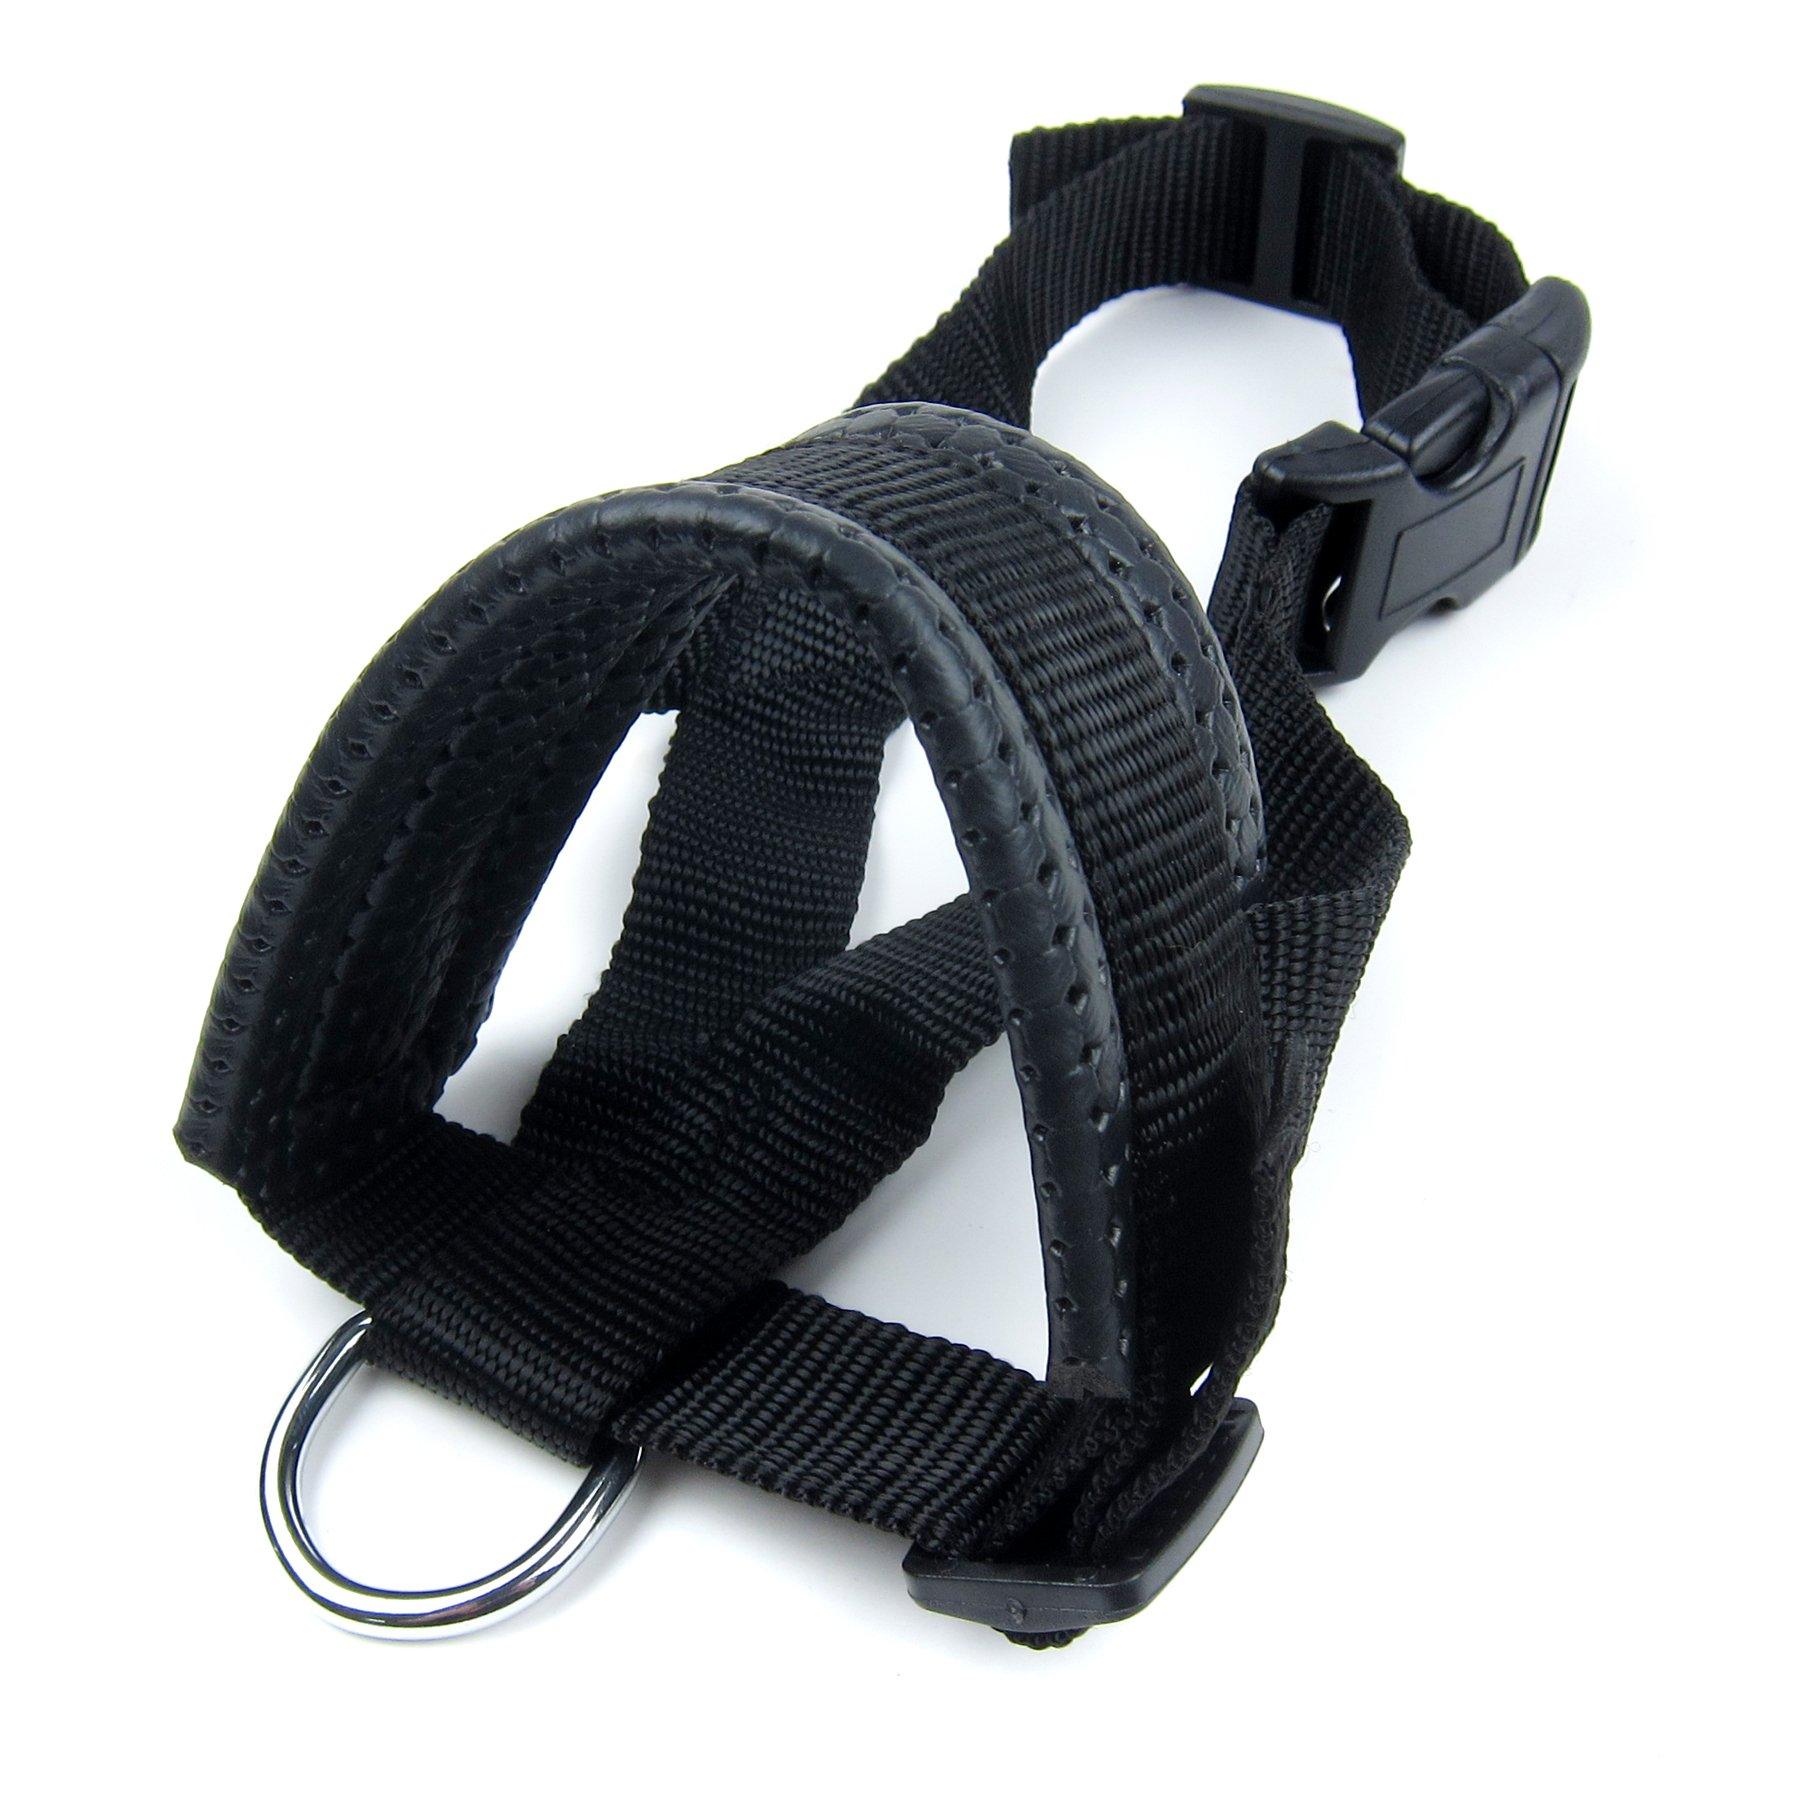 Alfie Pet by Petoga Couture - Jaimy Adjustable Quick Fit Nylon Muzzle - Color: Black, Size: XXL by Alfie (Image #3)